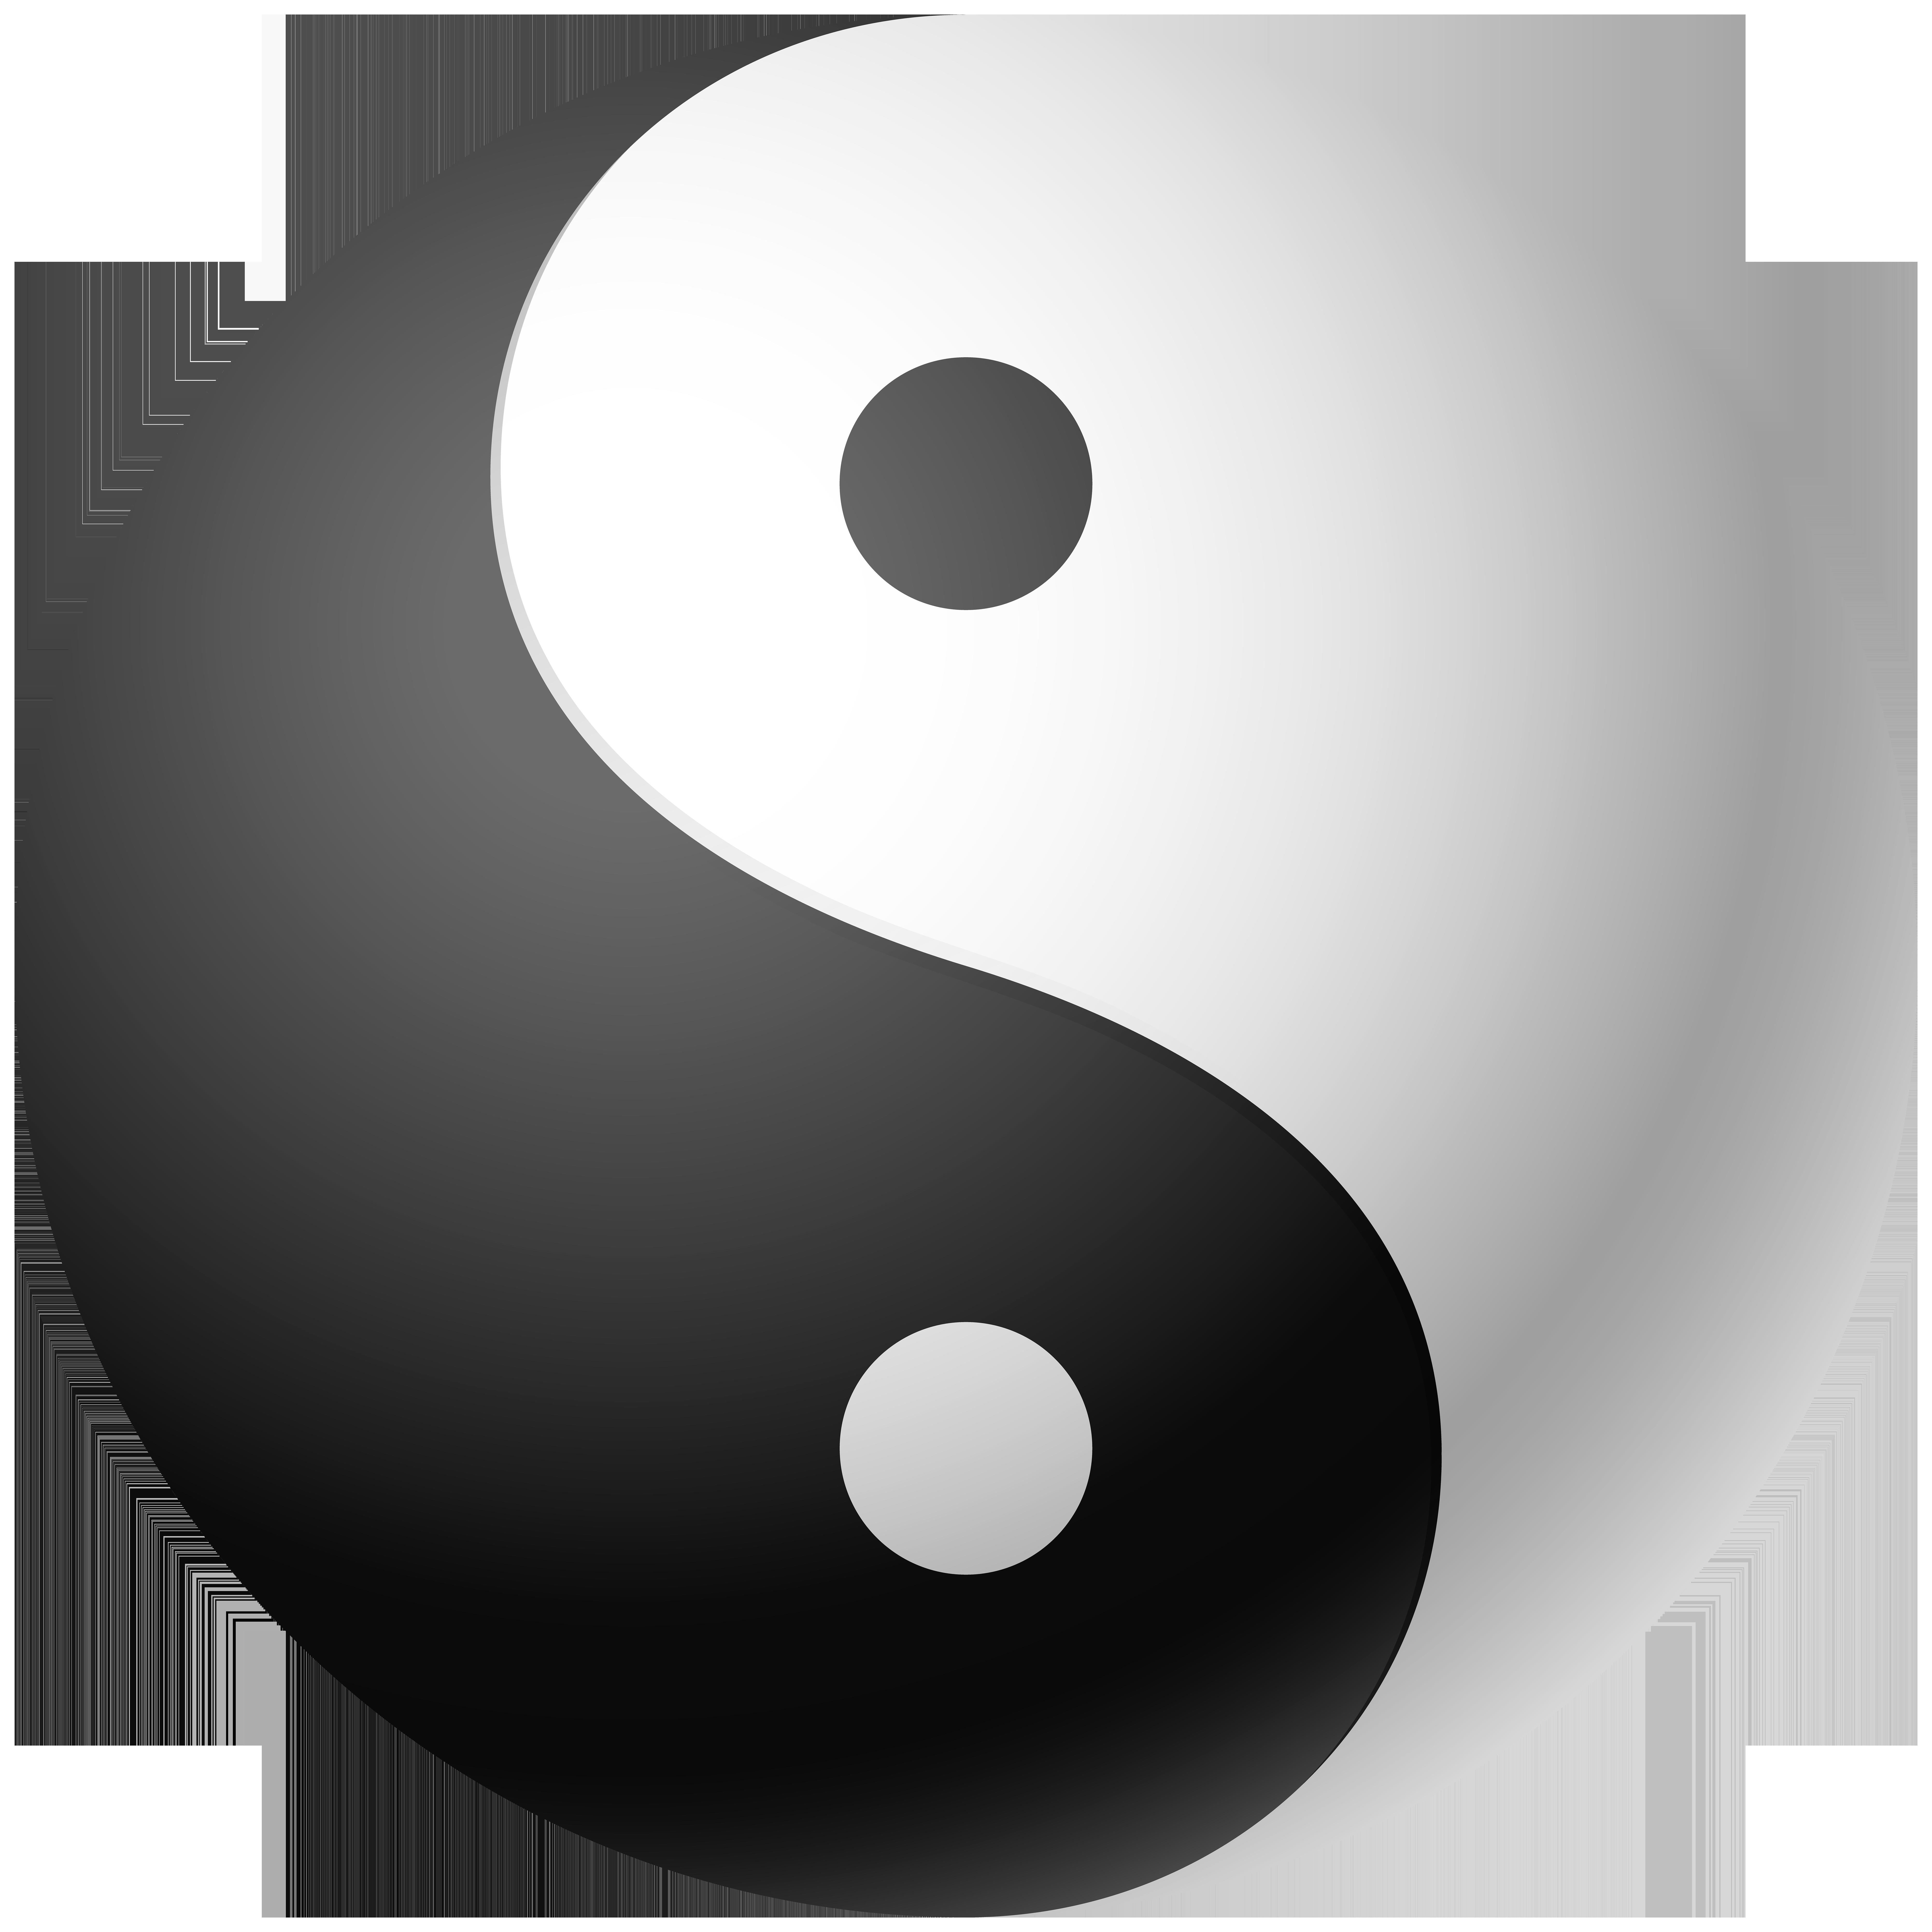 Yin and Yang Clip Art PNG Image.